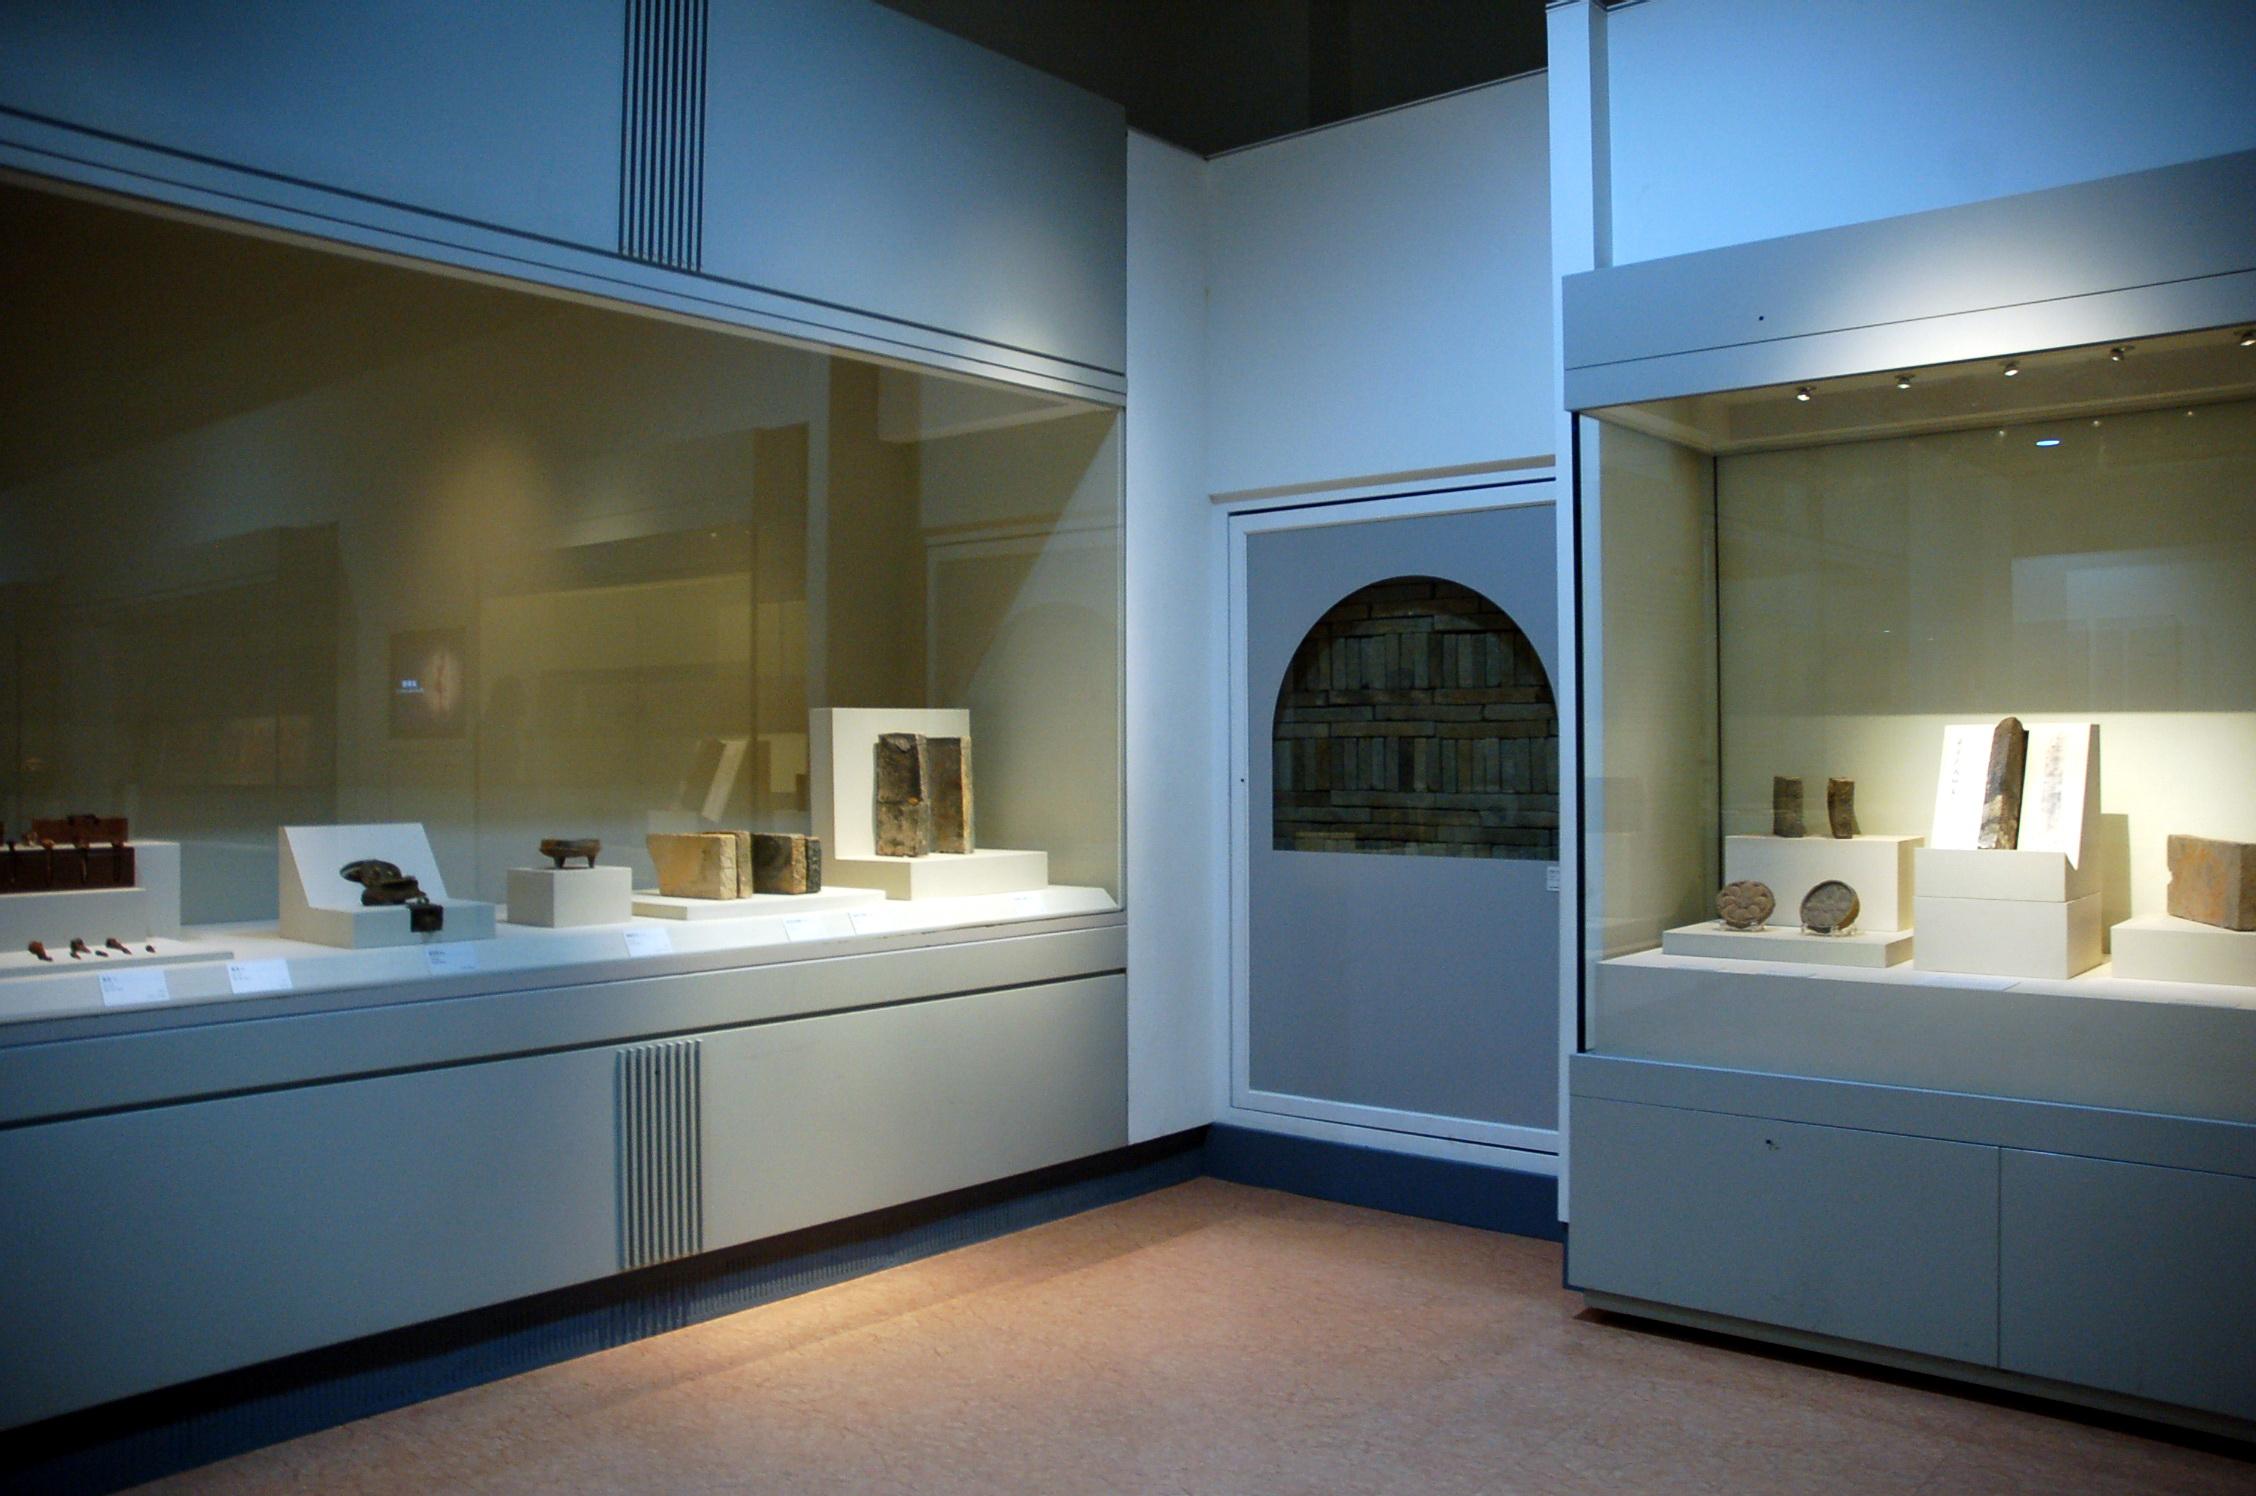 국립공주박물관 내부, 교과서로만 보던 백제 역사 교육에 많은 도움이 됩니다.